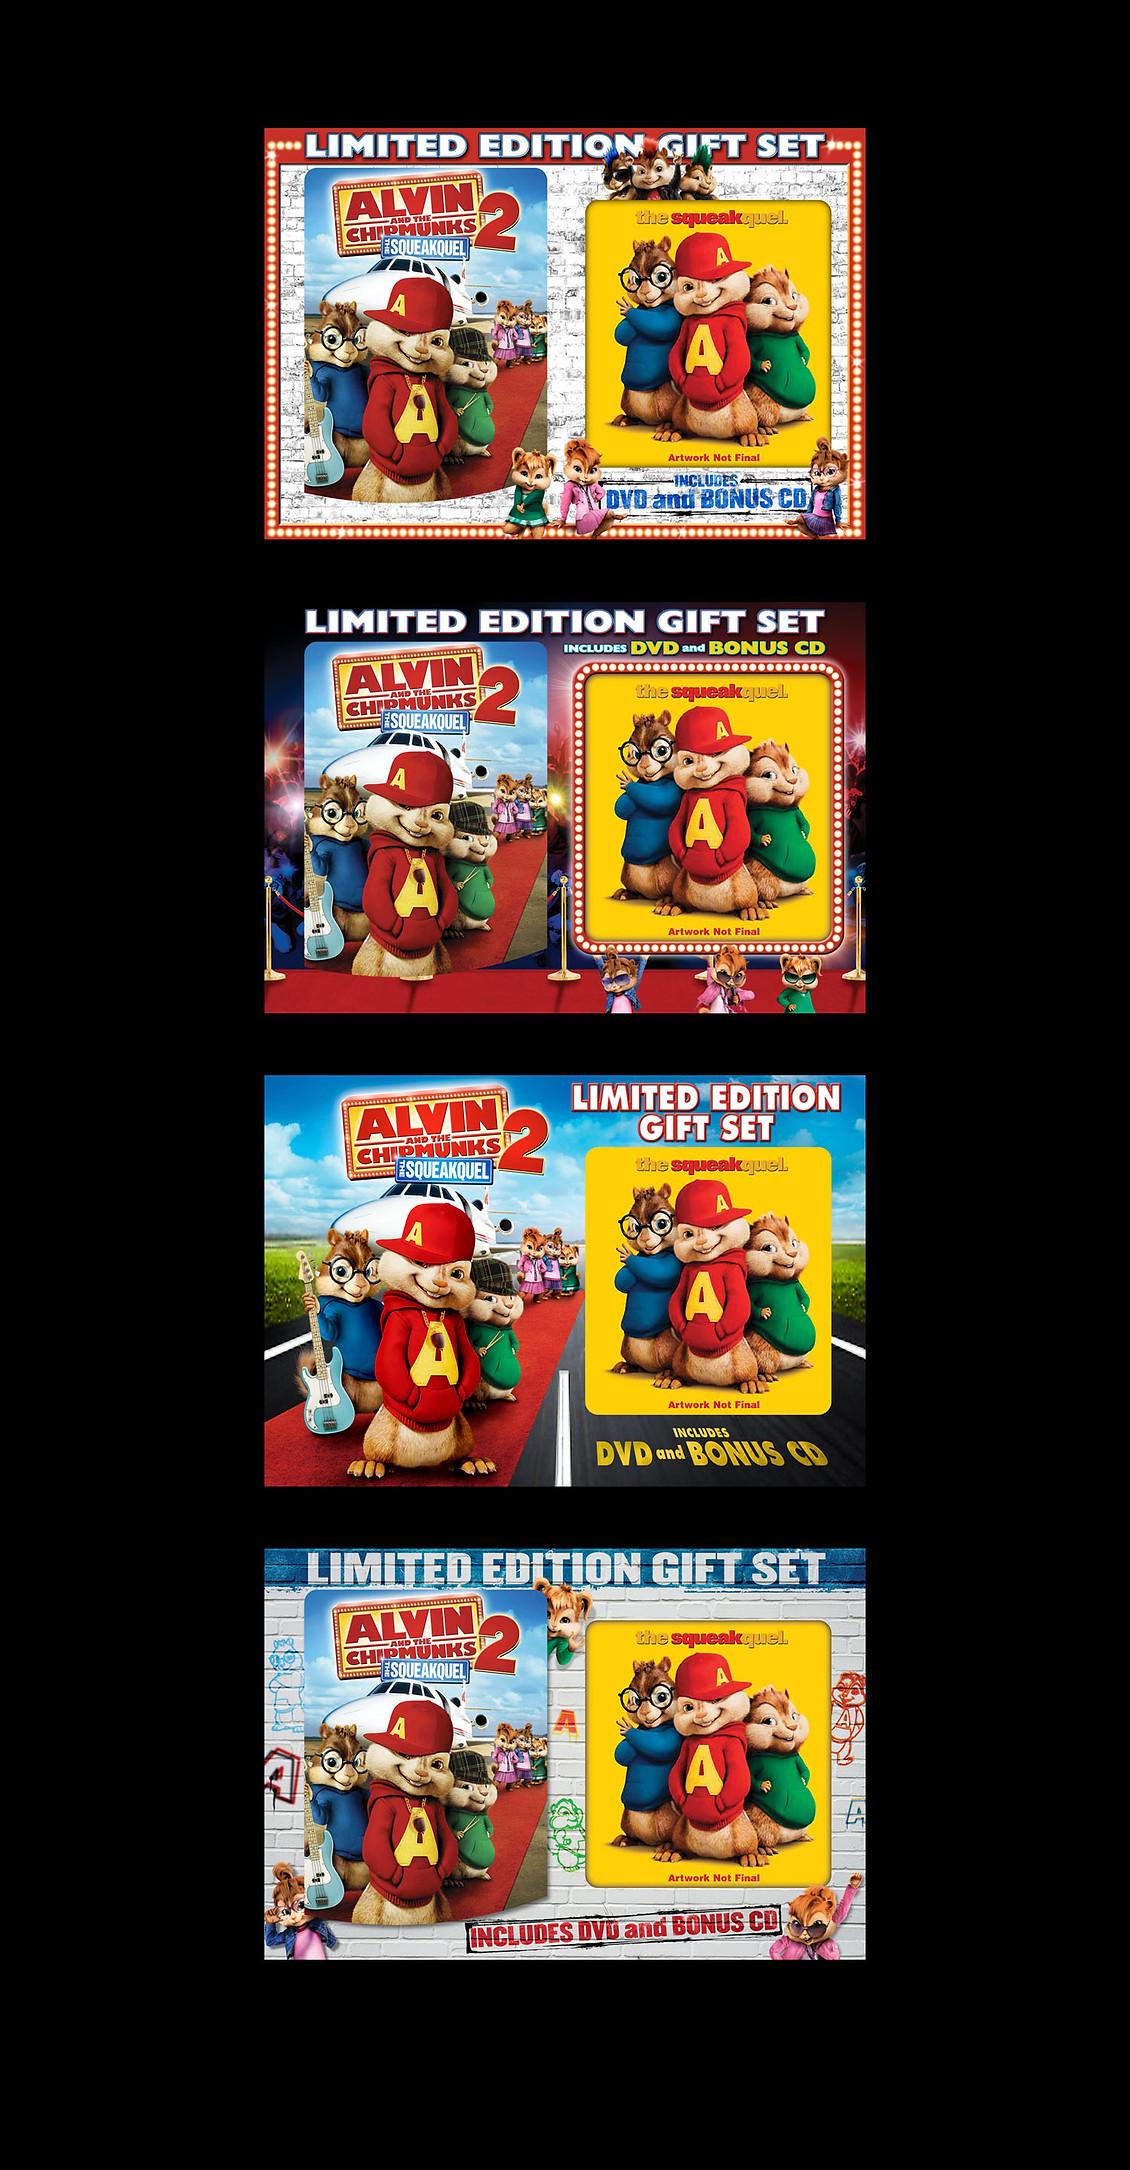 02_ALVIN2_GiftSet_Pg2new.jpg